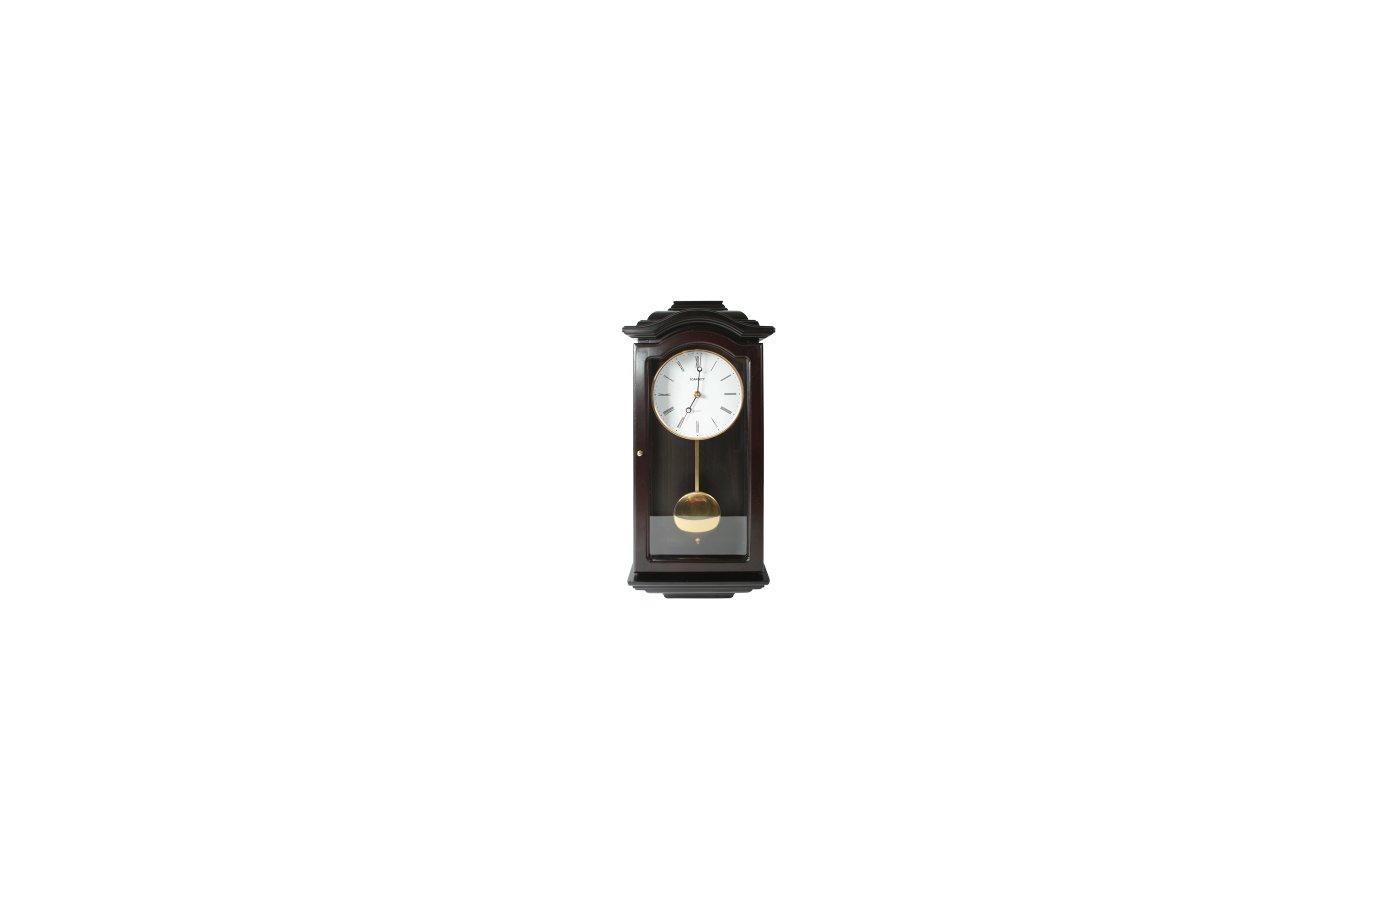 Часы настенные Scarlett 95G плавный ход / маятниковые / дерево